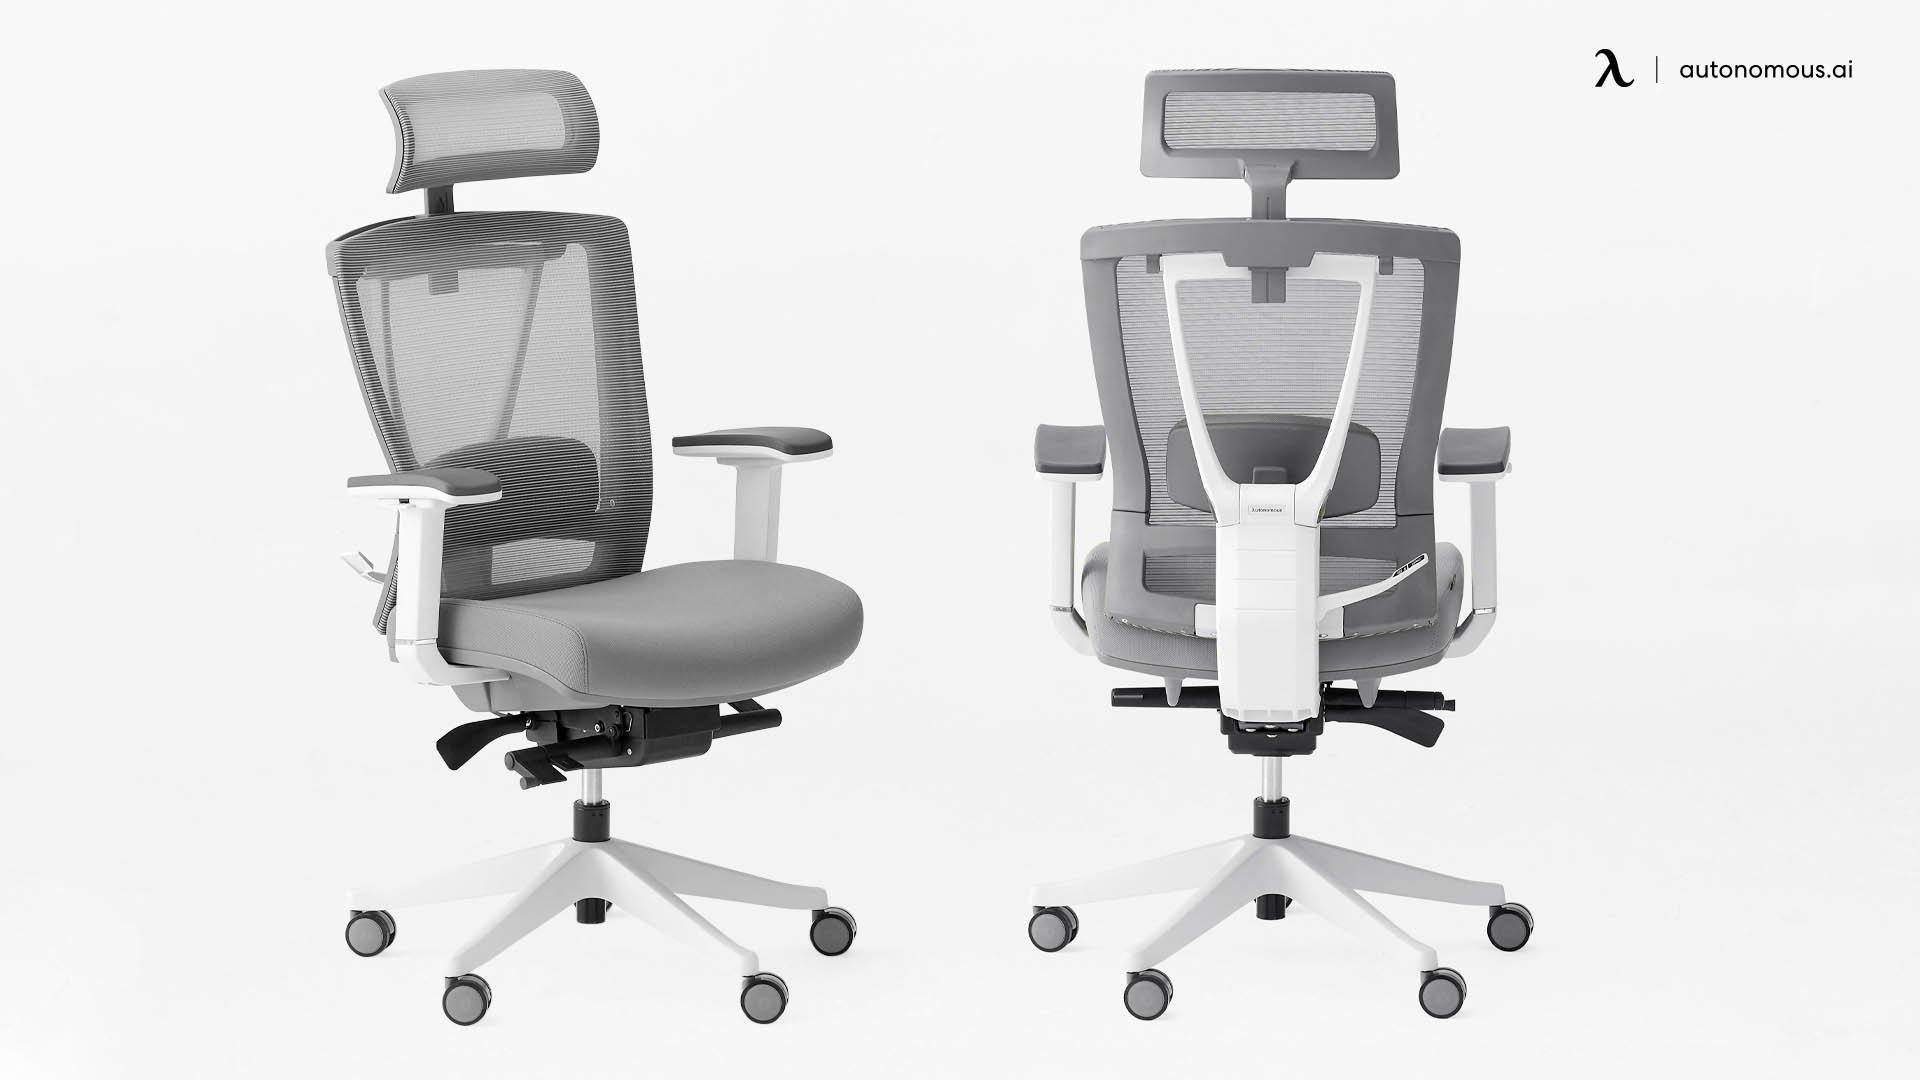 ergonomic chair best design - ErgoChair Pro